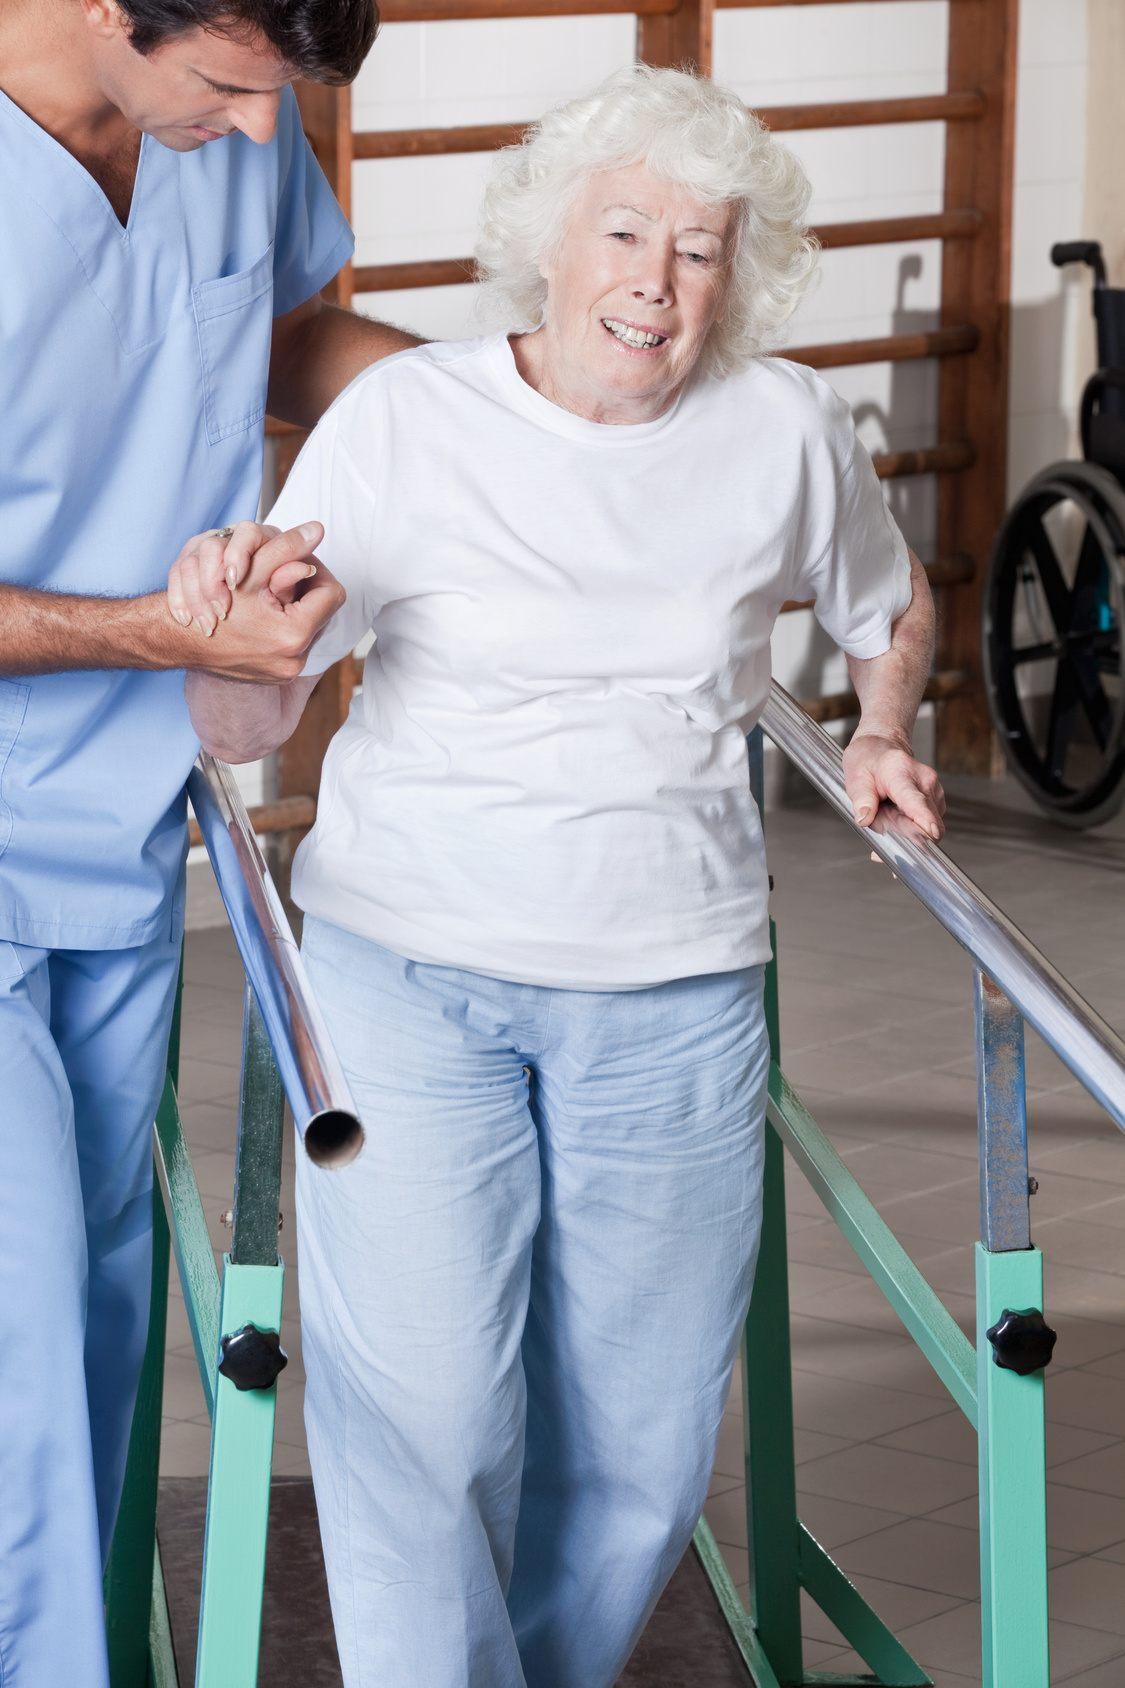 Fall Risk Gait Training PT for seniors